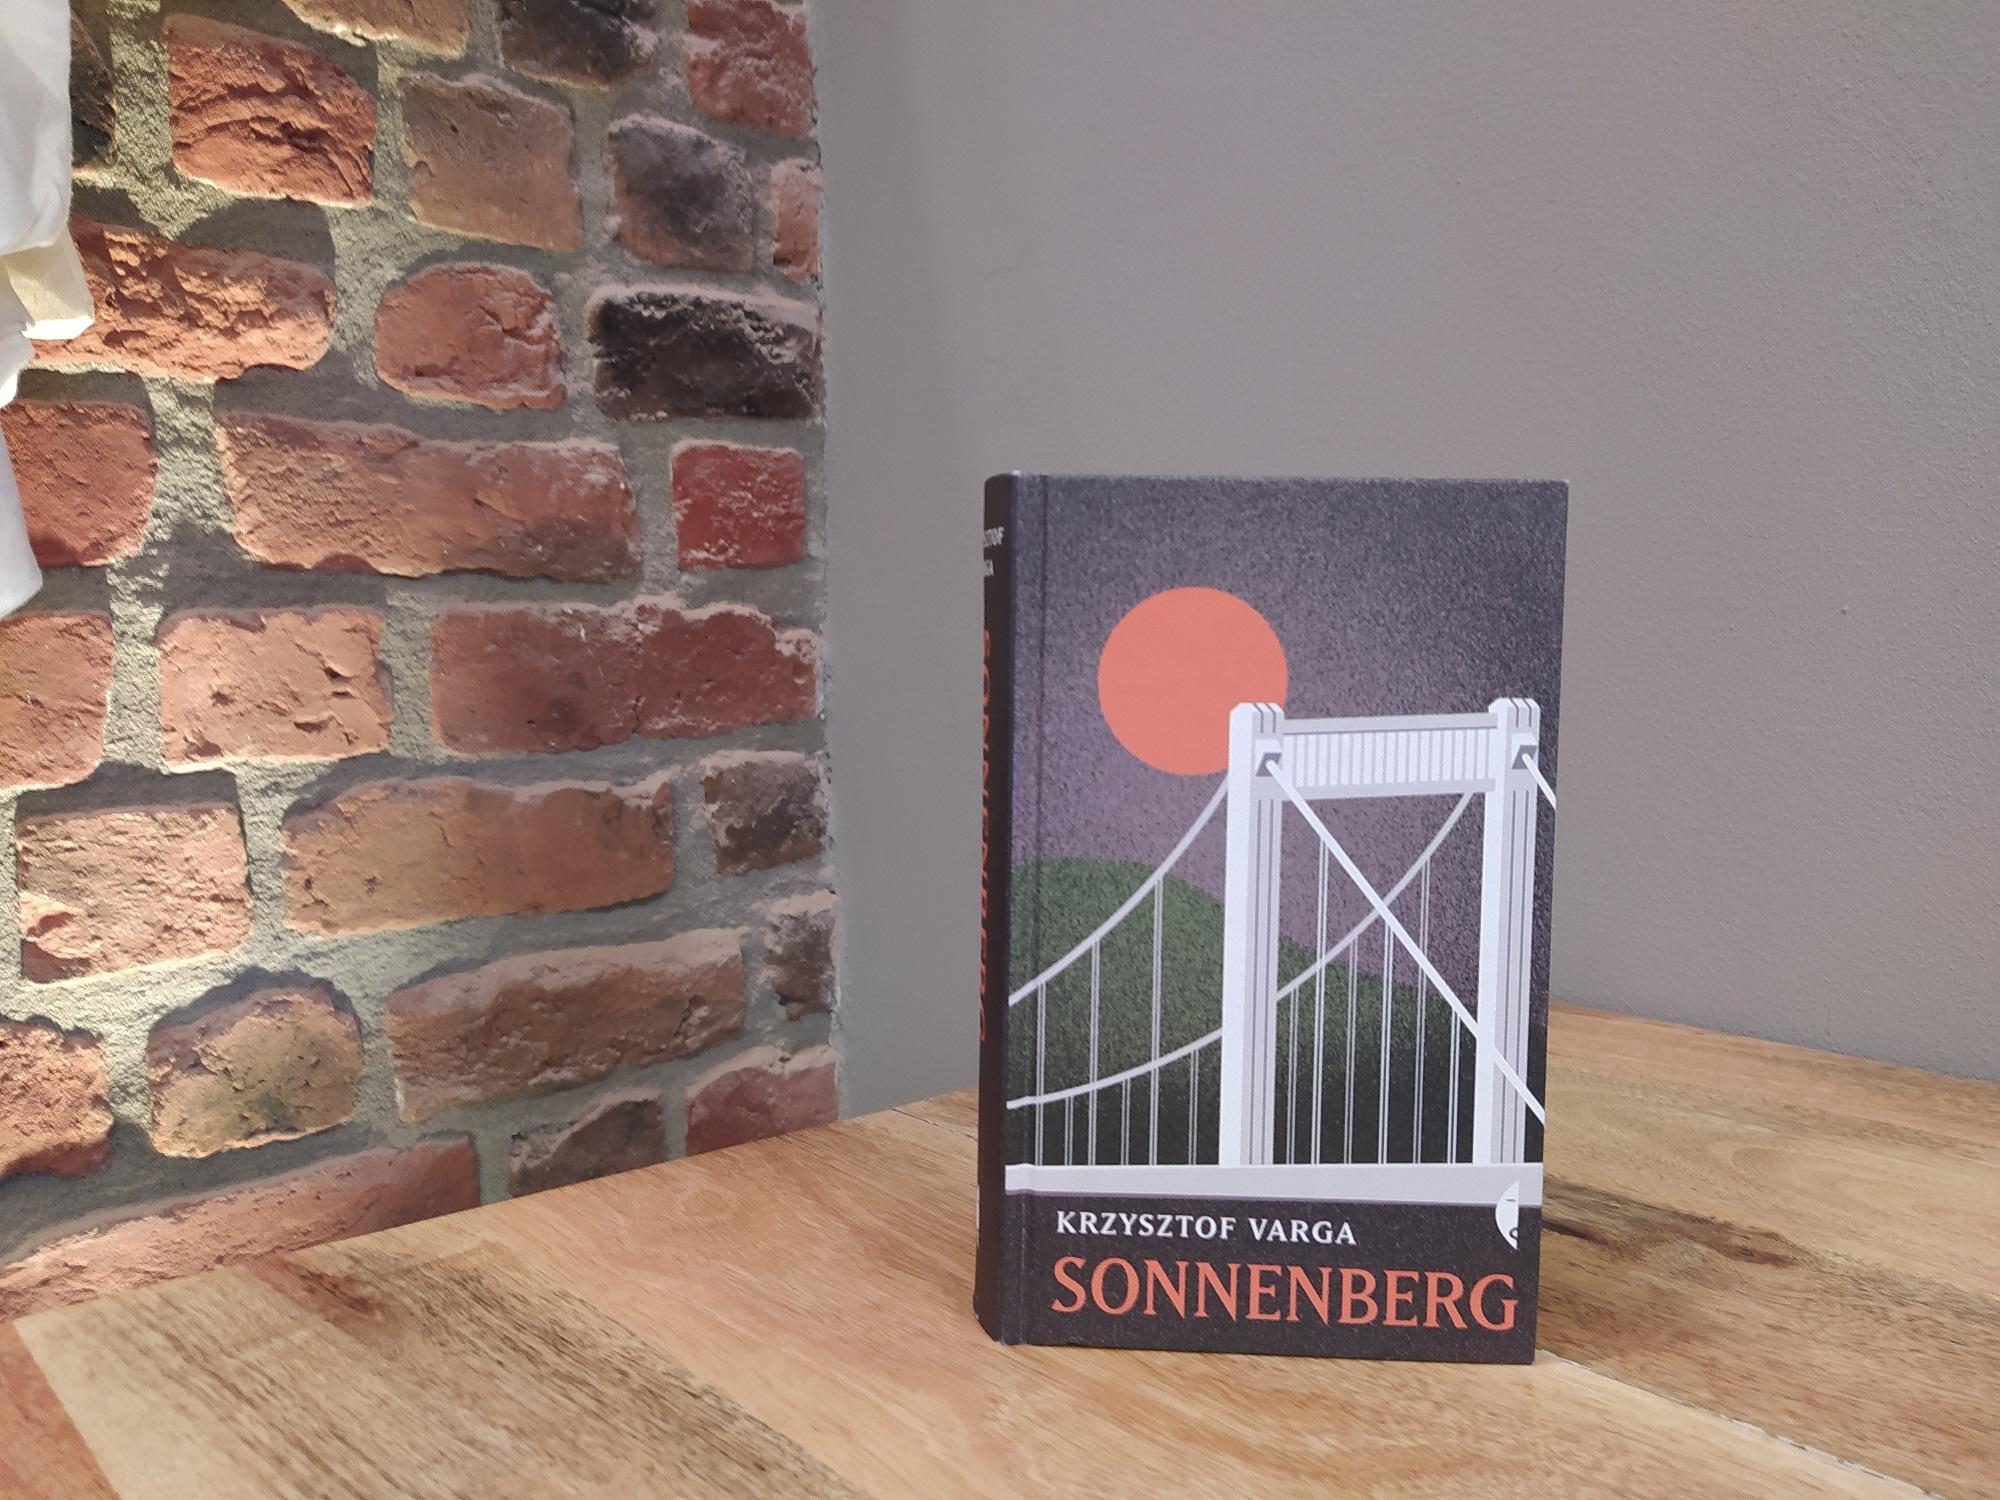 """""""Sonnenberg"""", Krzysztof Varga, 2018, Wydawnictwo Czarne"""